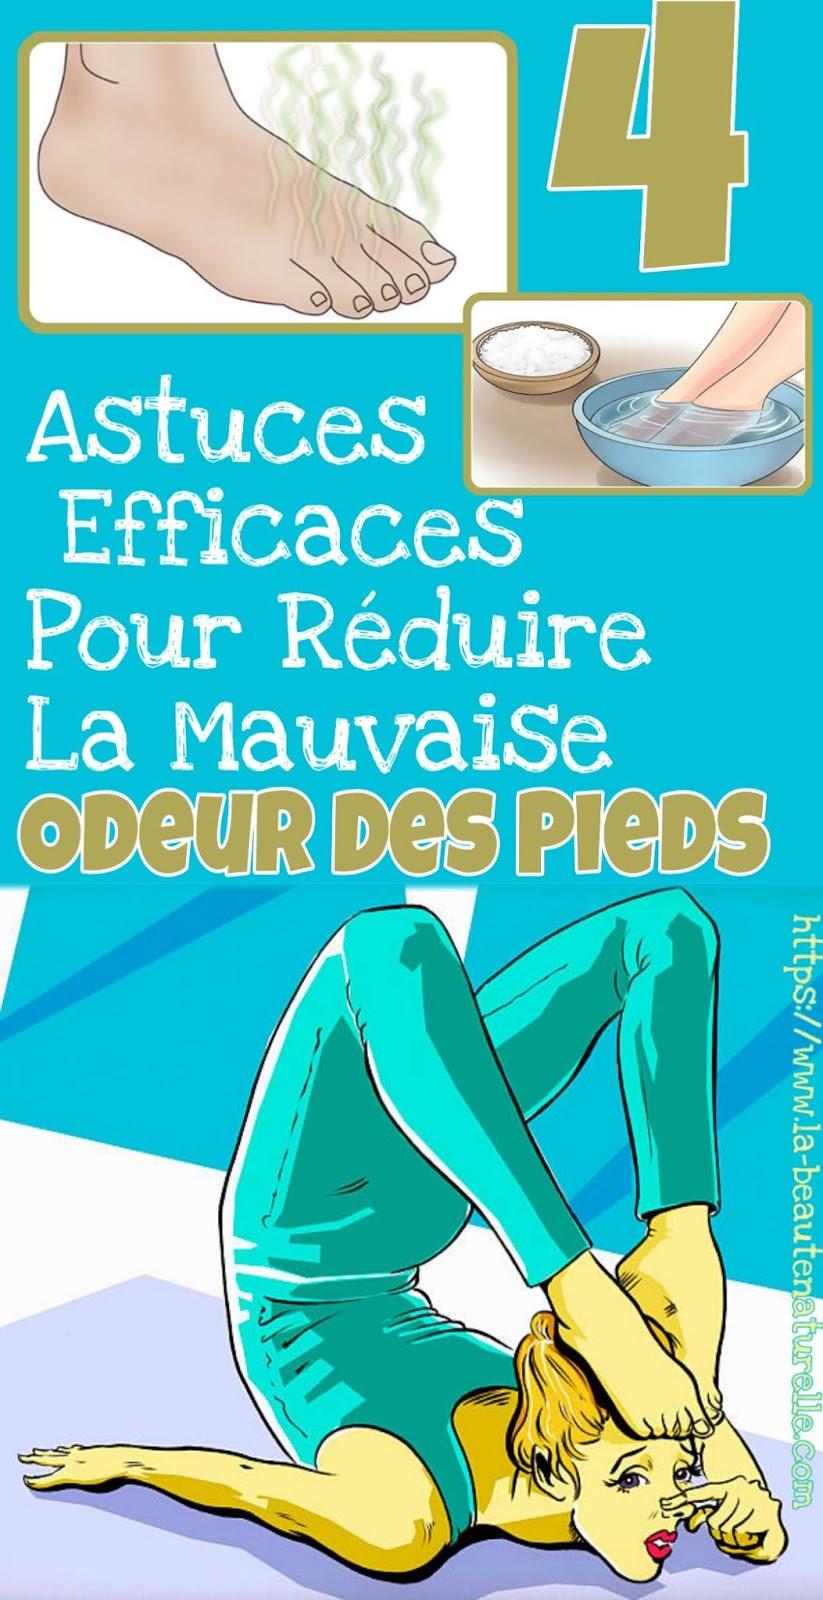 4 Astuces Efficaces Pour Réduire La Mauvaise Odeur Des Pieds